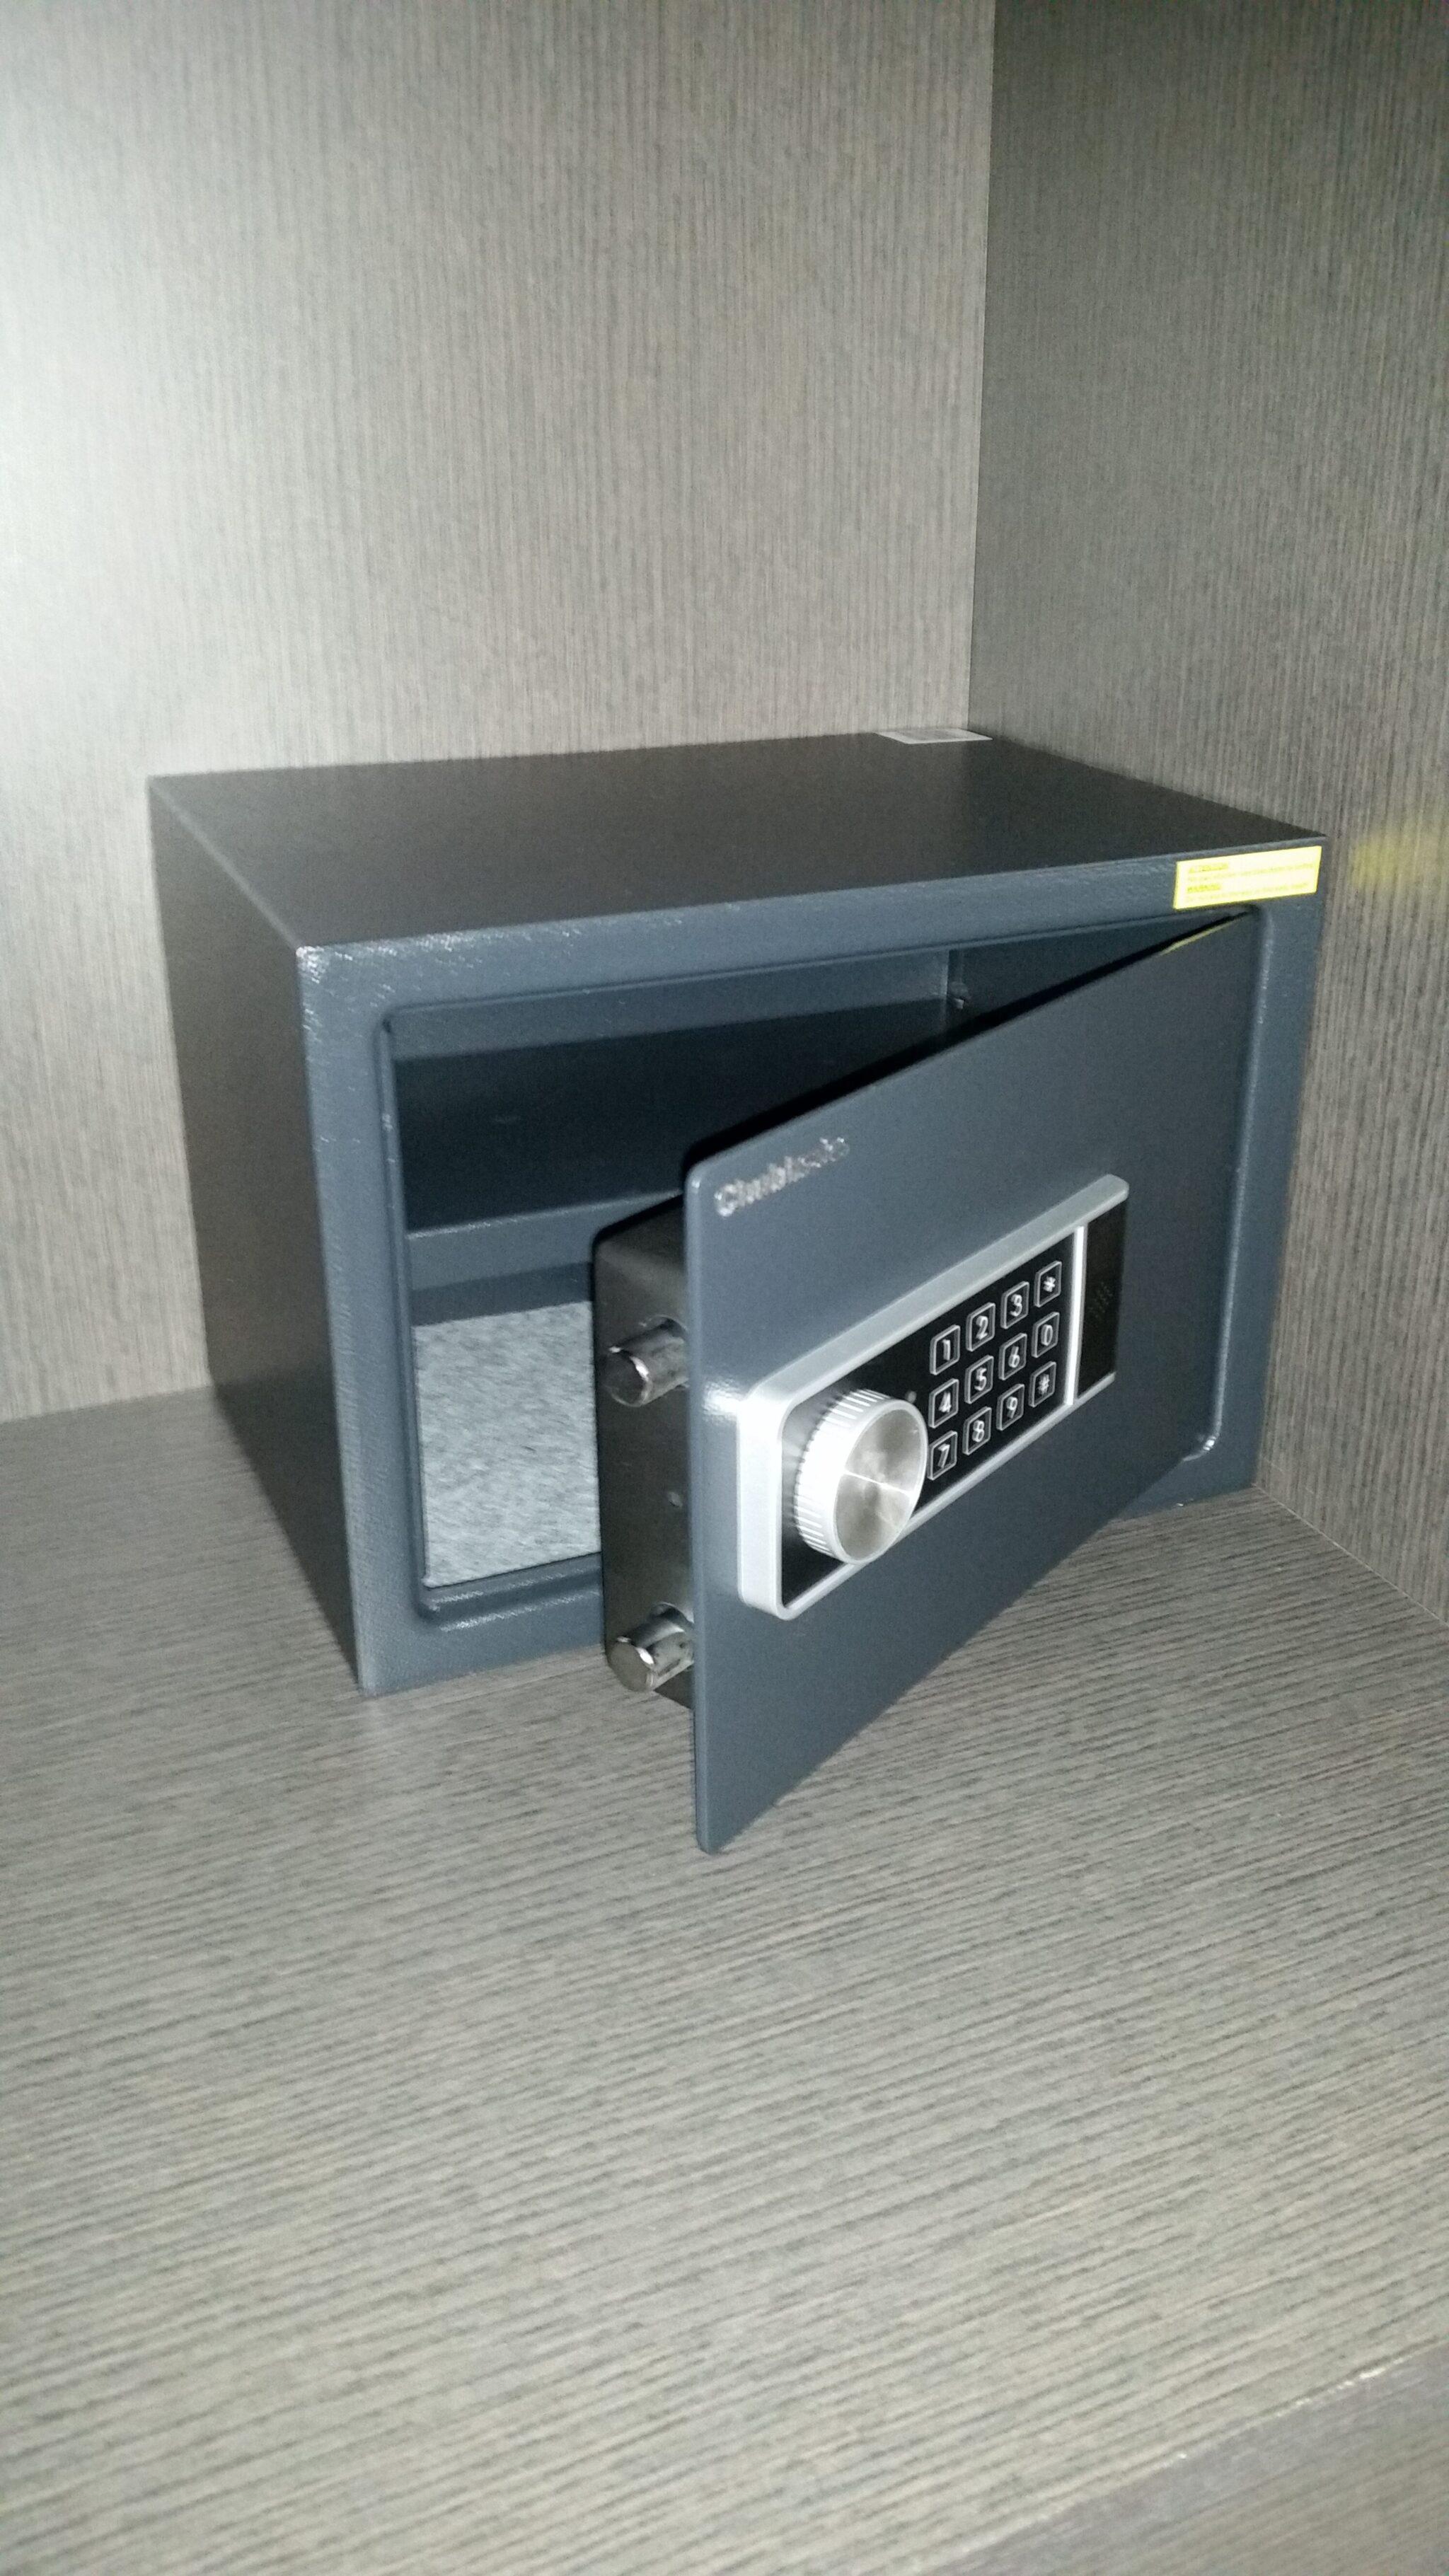 Chubb Air 15E Digital Safe